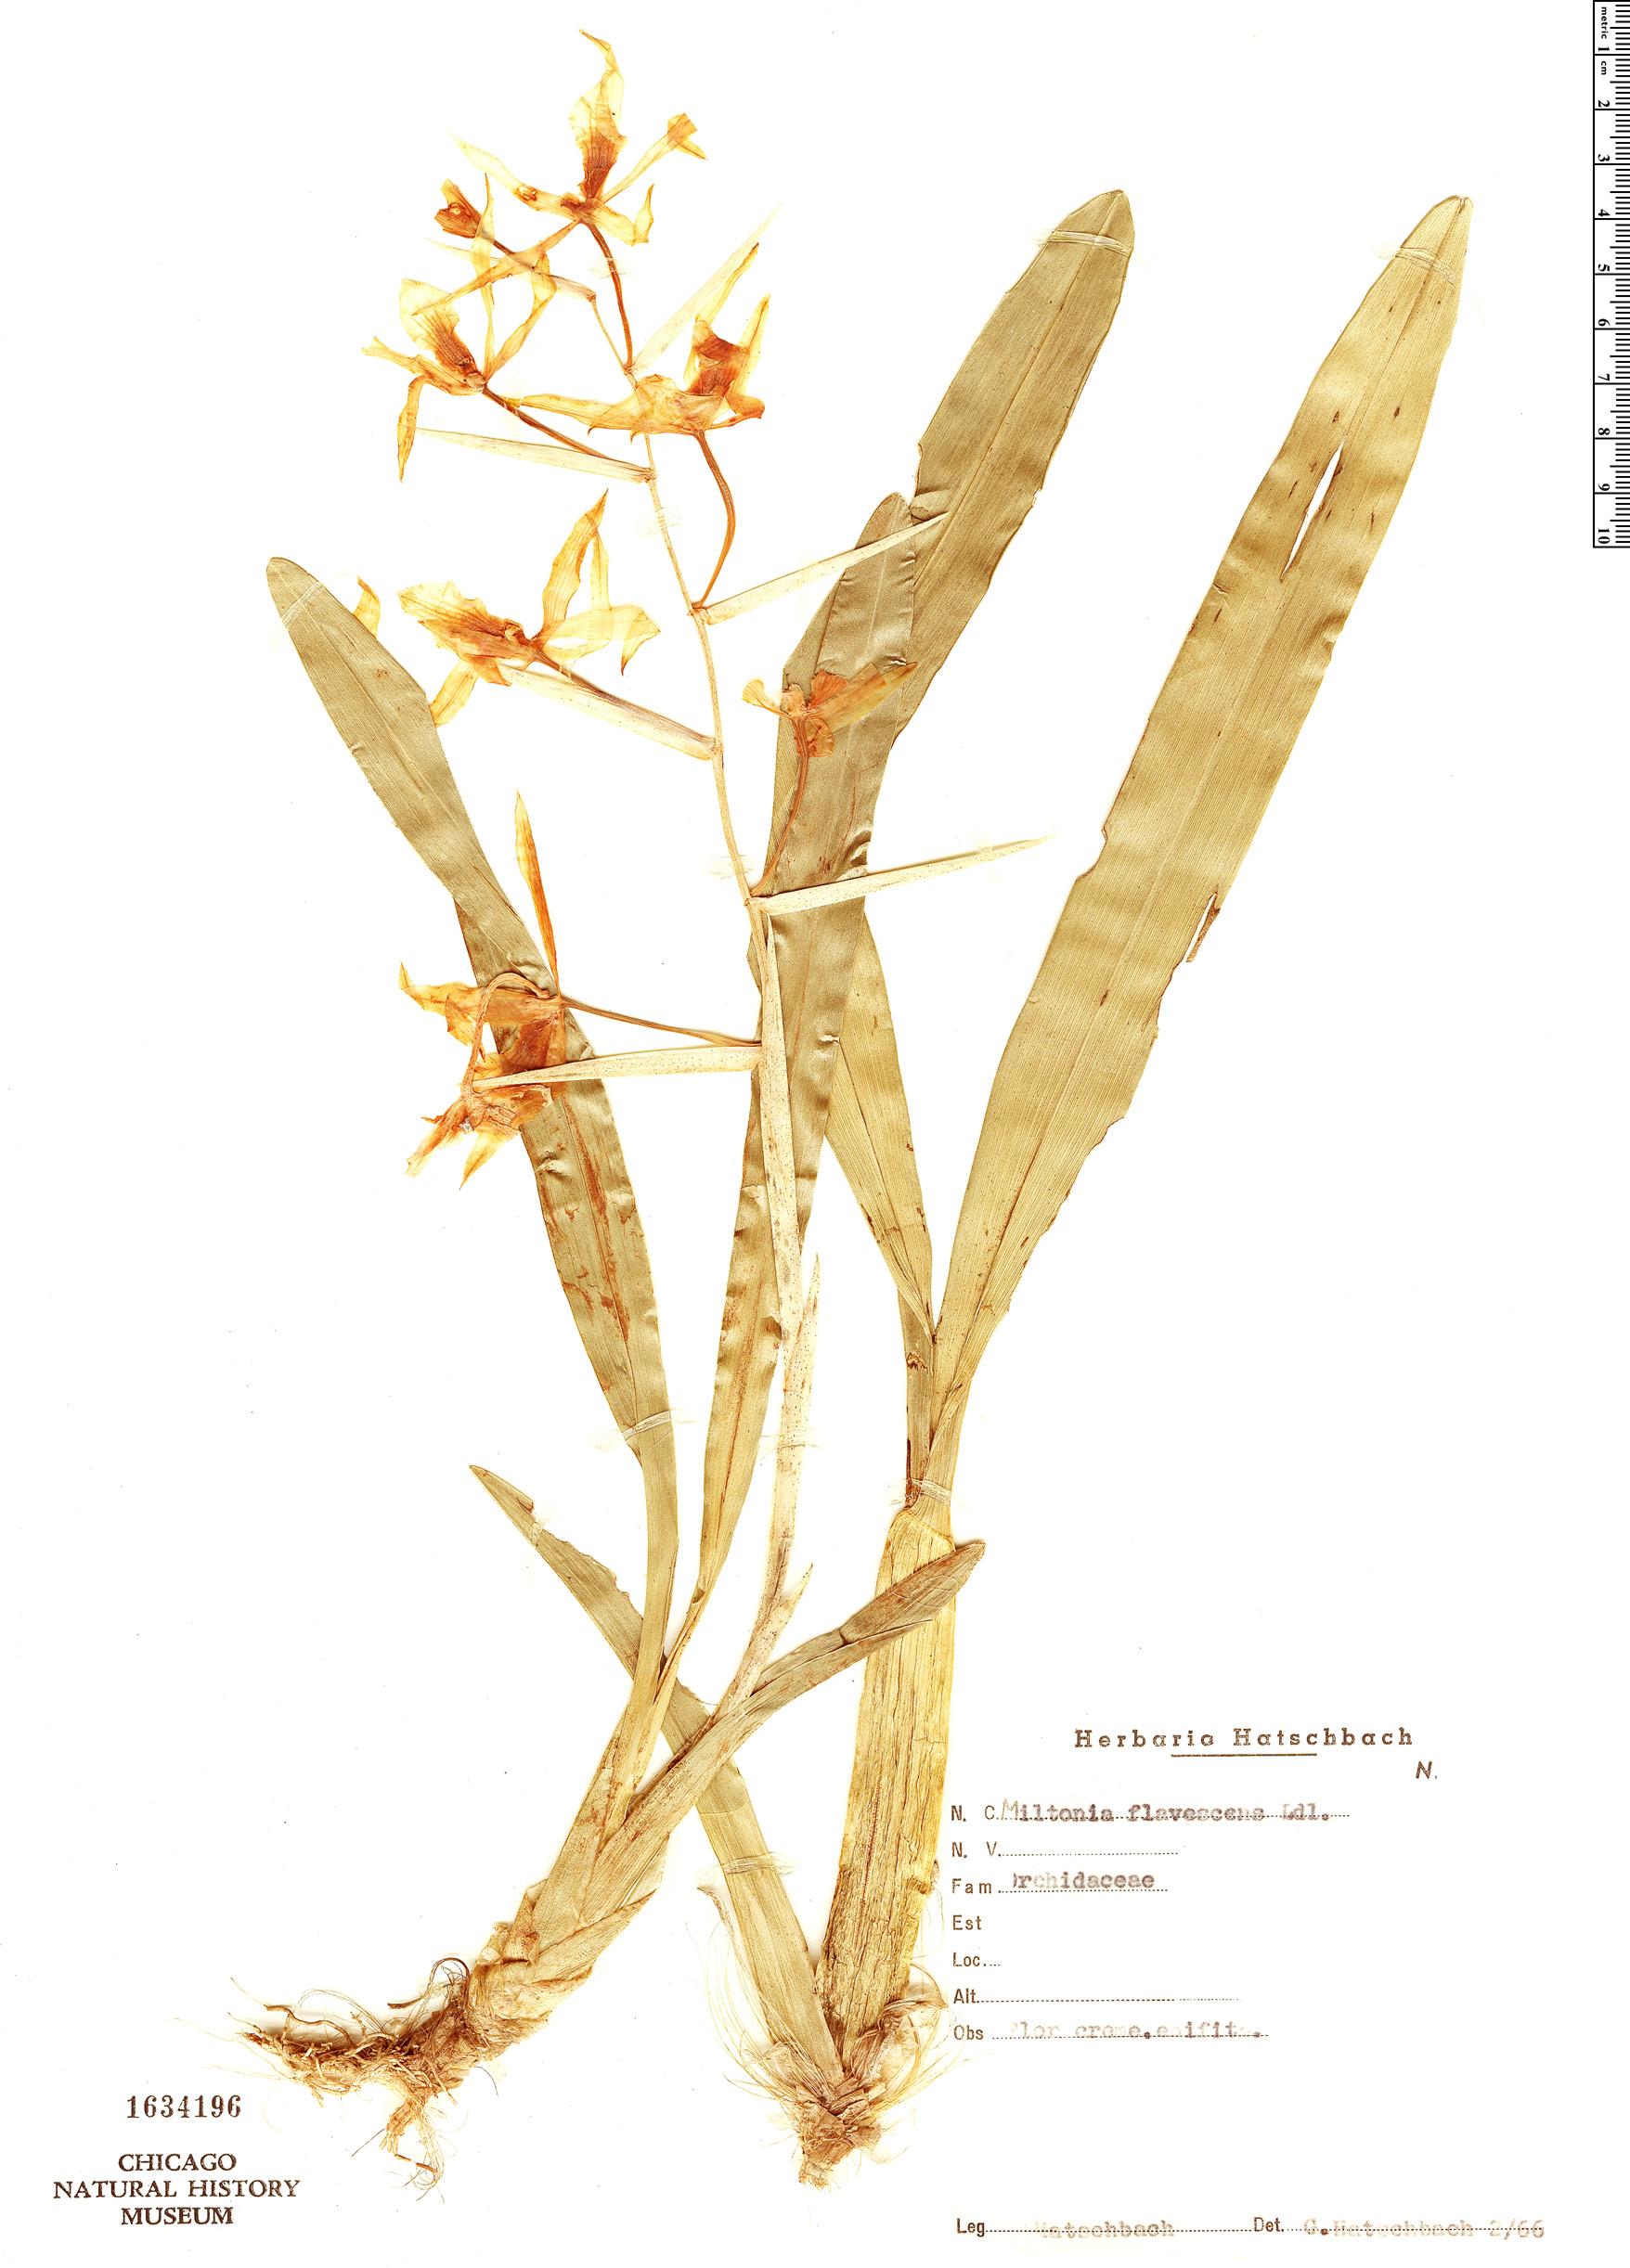 Specimen: Miltonia flavescens